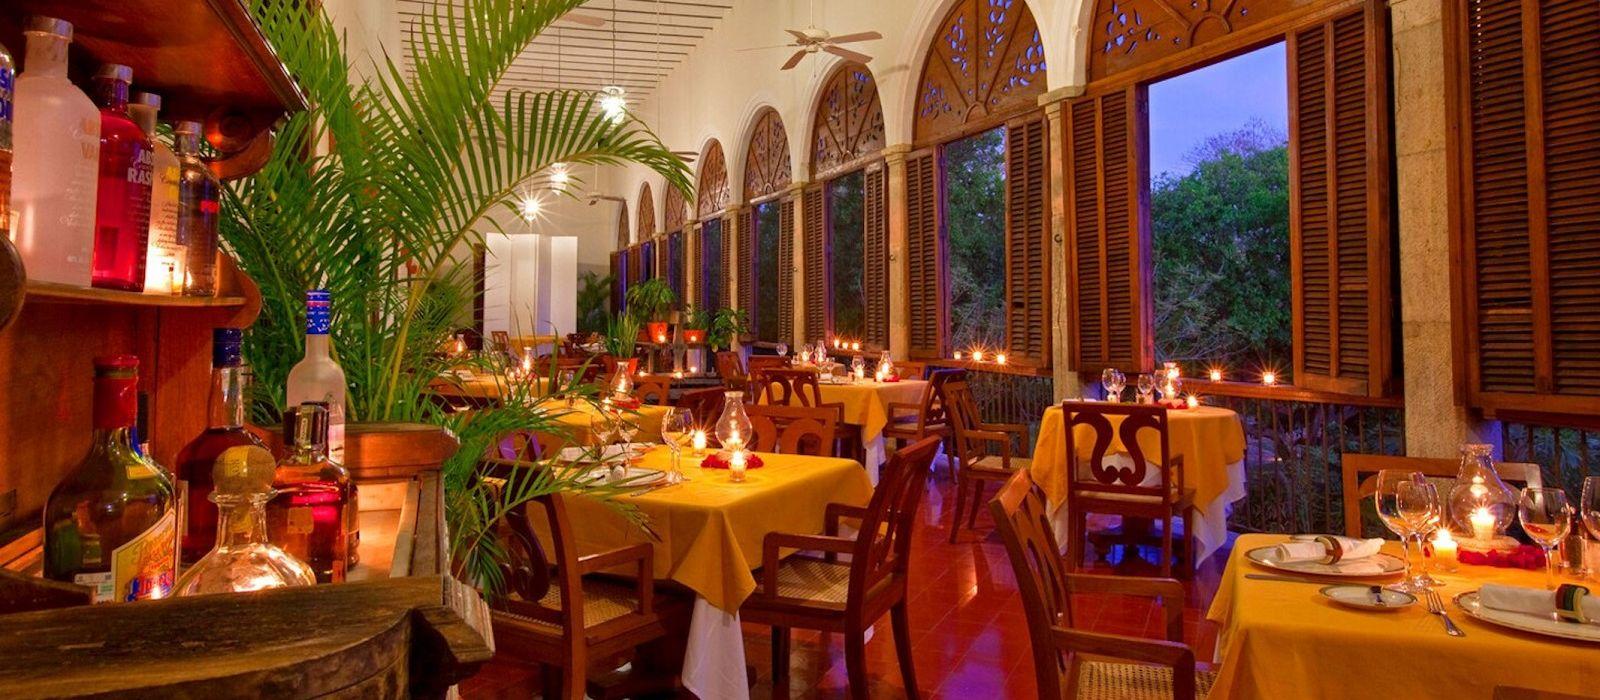 Hotel Hacienda Temozon Mexico